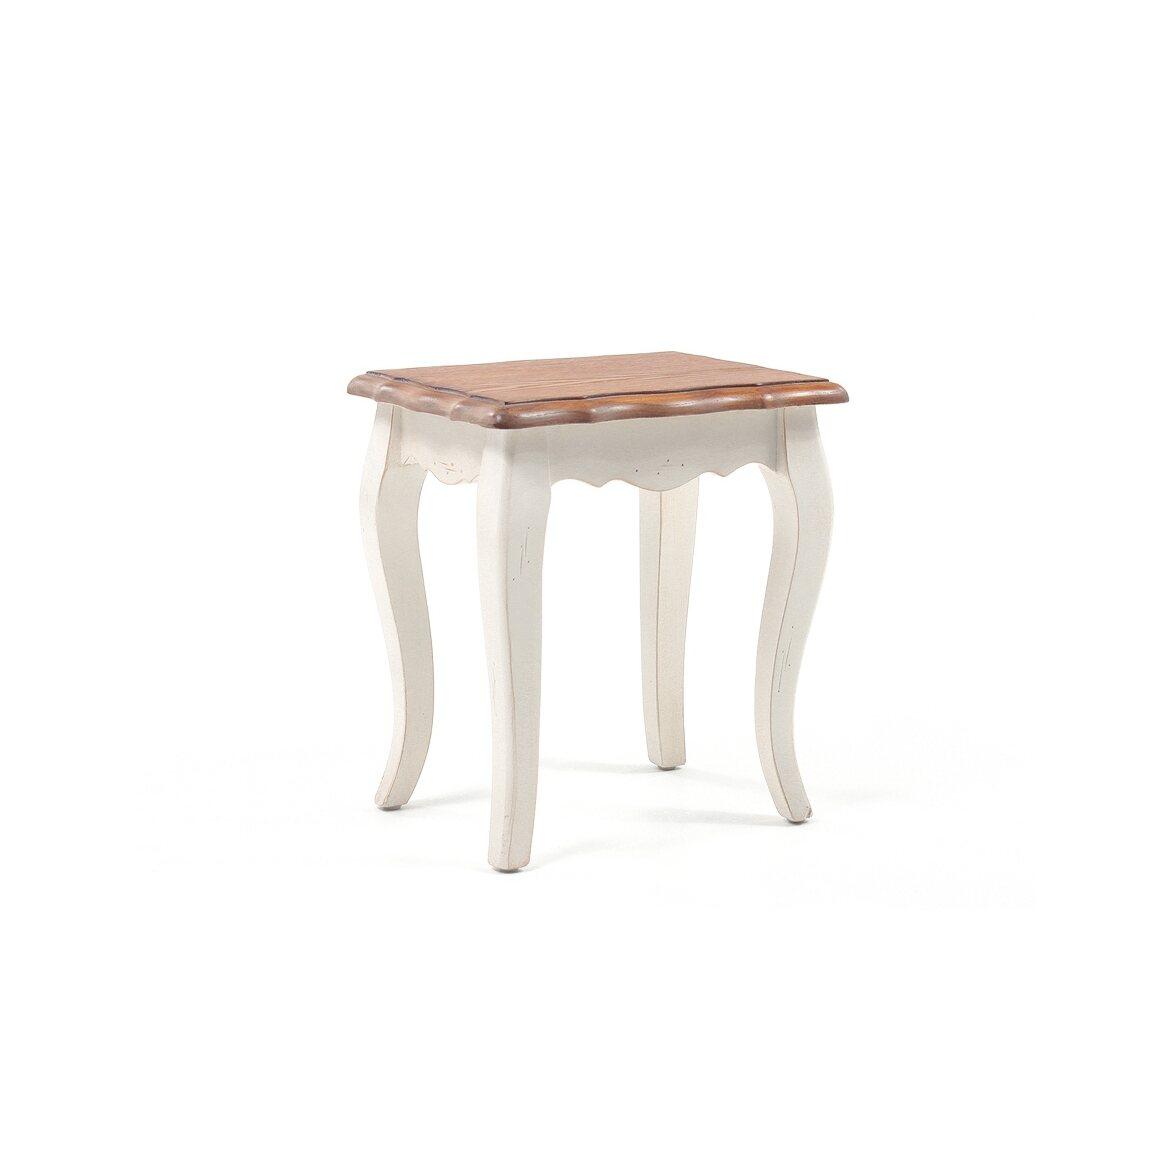 Консольные столики (комплект) Leontina, бежевого цвета 6 | Консоли Kingsby